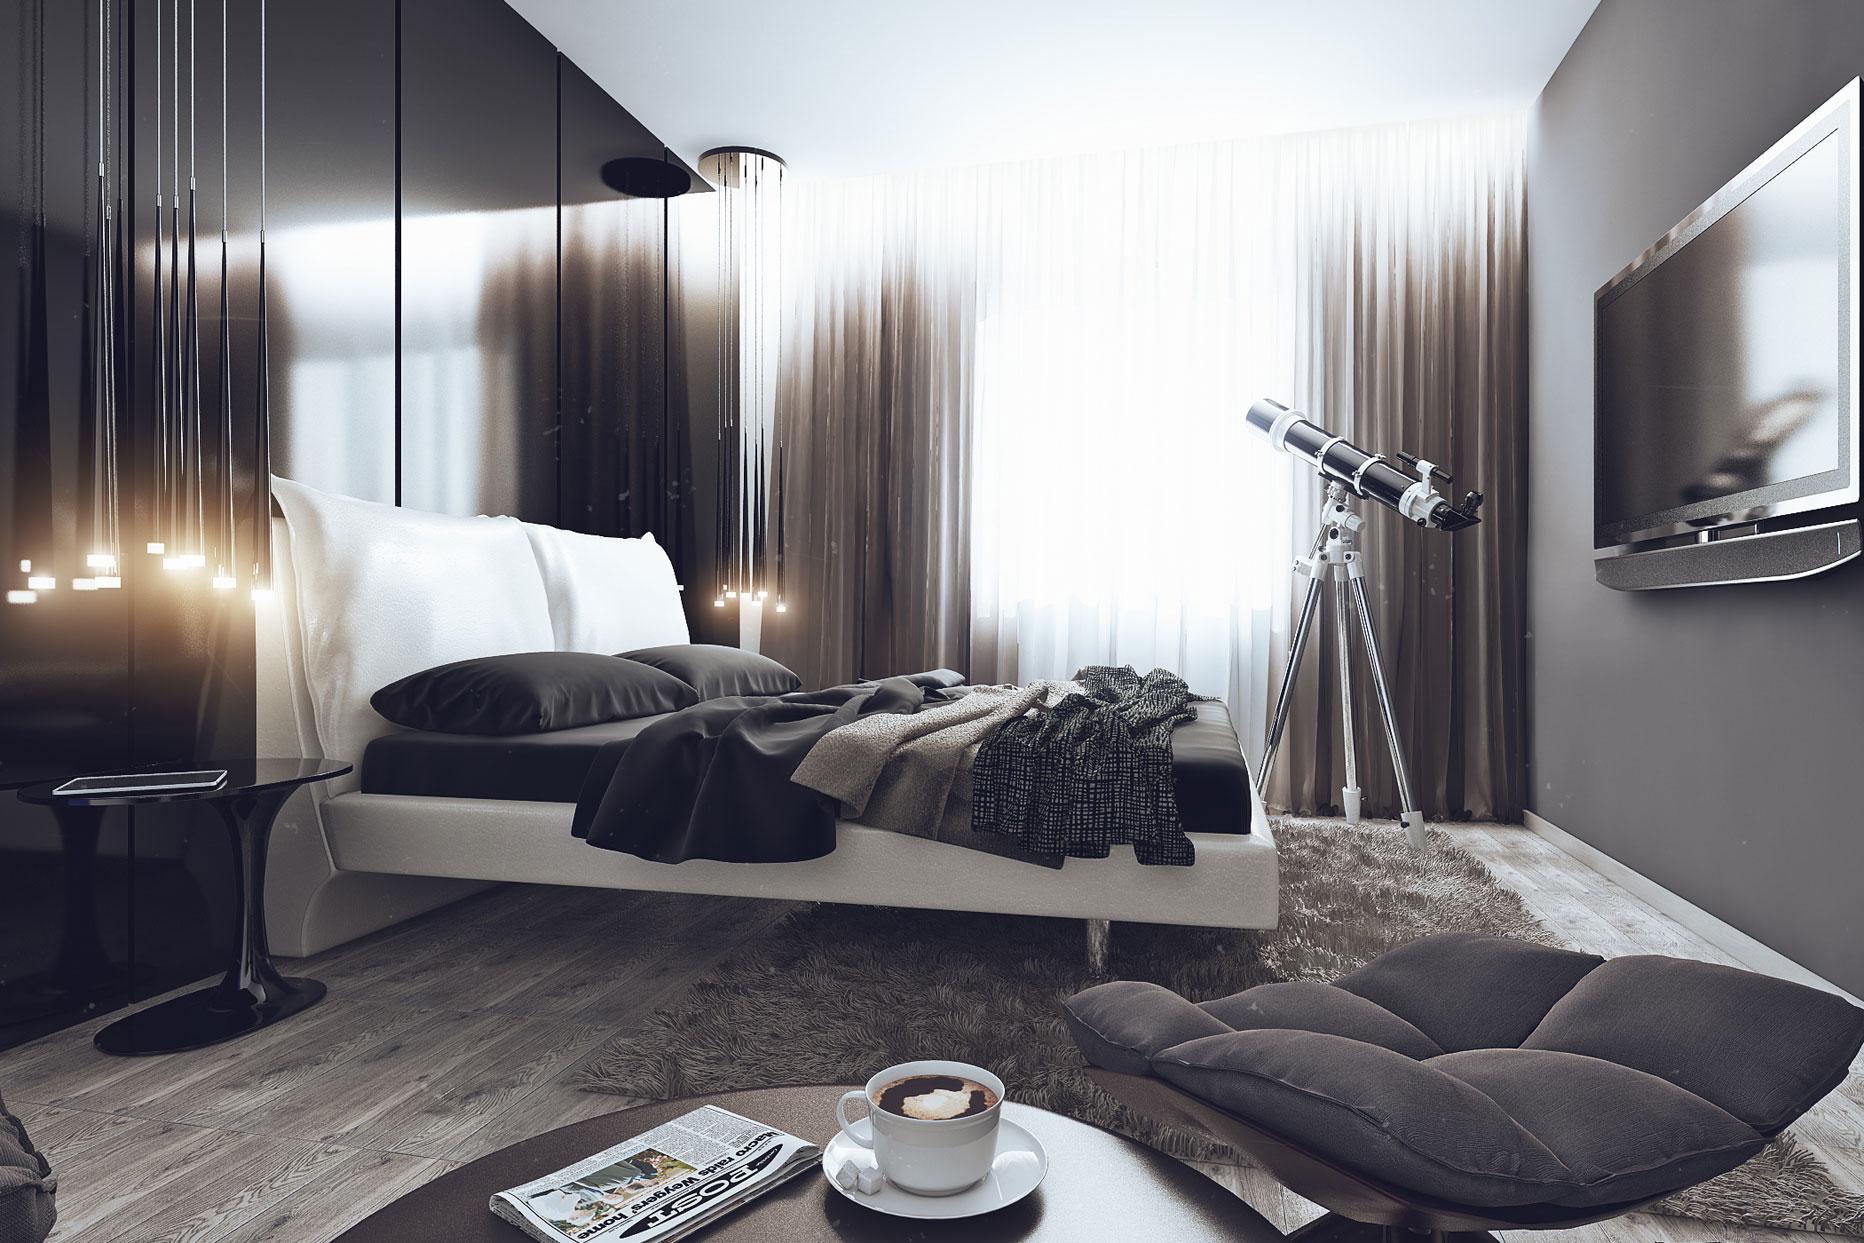 Спальня и аксессуары для нее